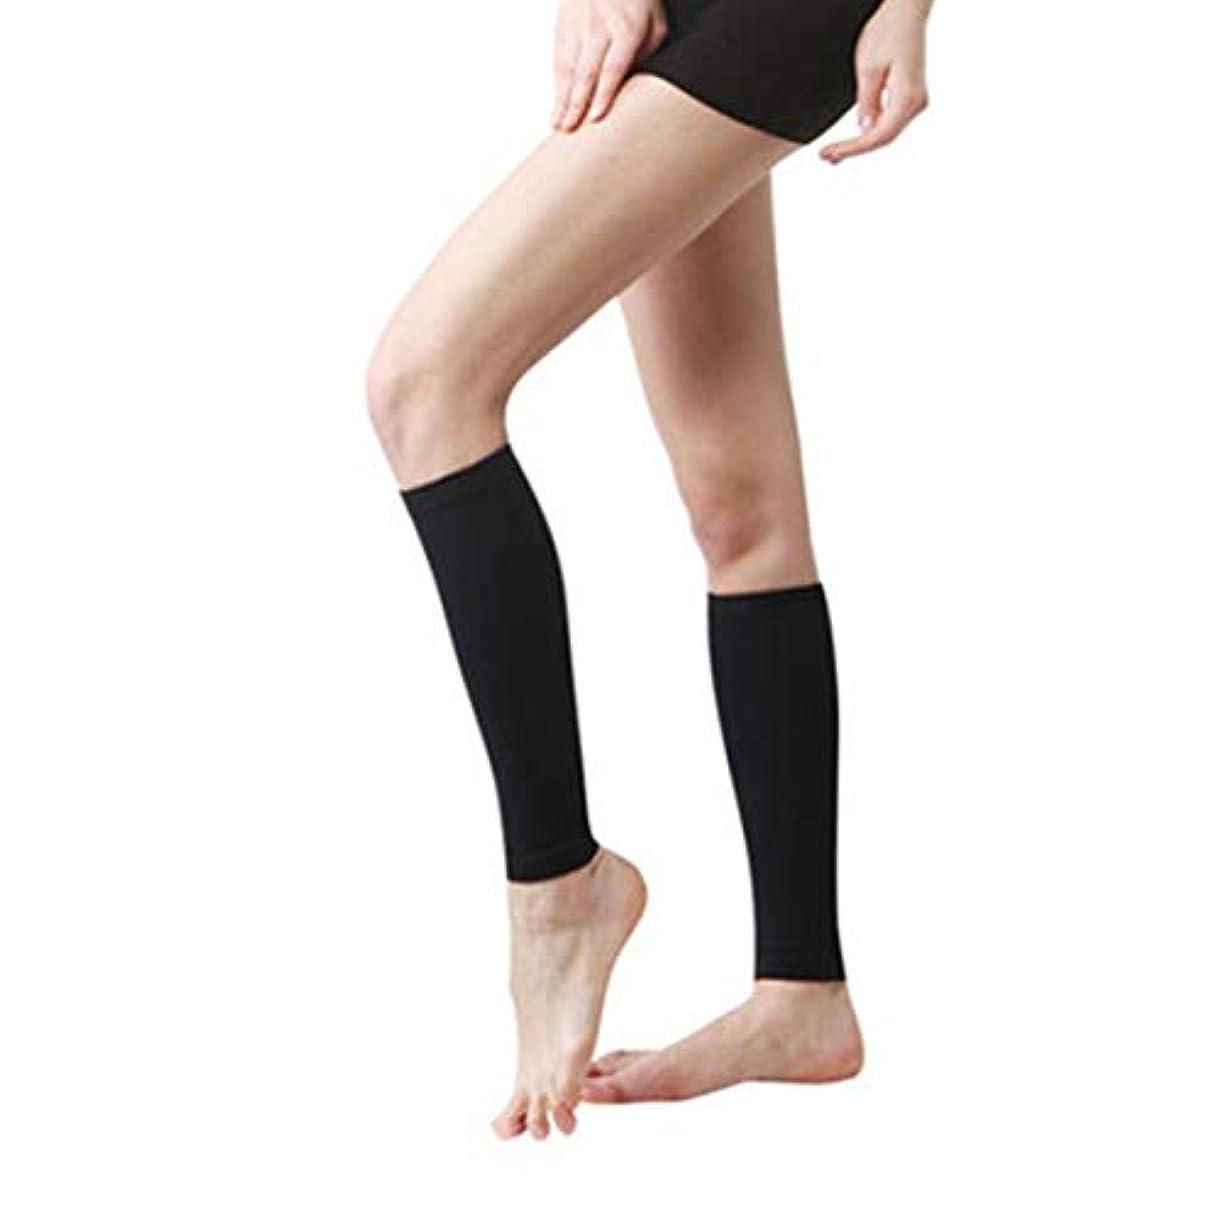 丈夫な男性女性プロの圧縮靴下通気性のある旅行活動看護師用シンススプリントフライトトラベル - ブラック